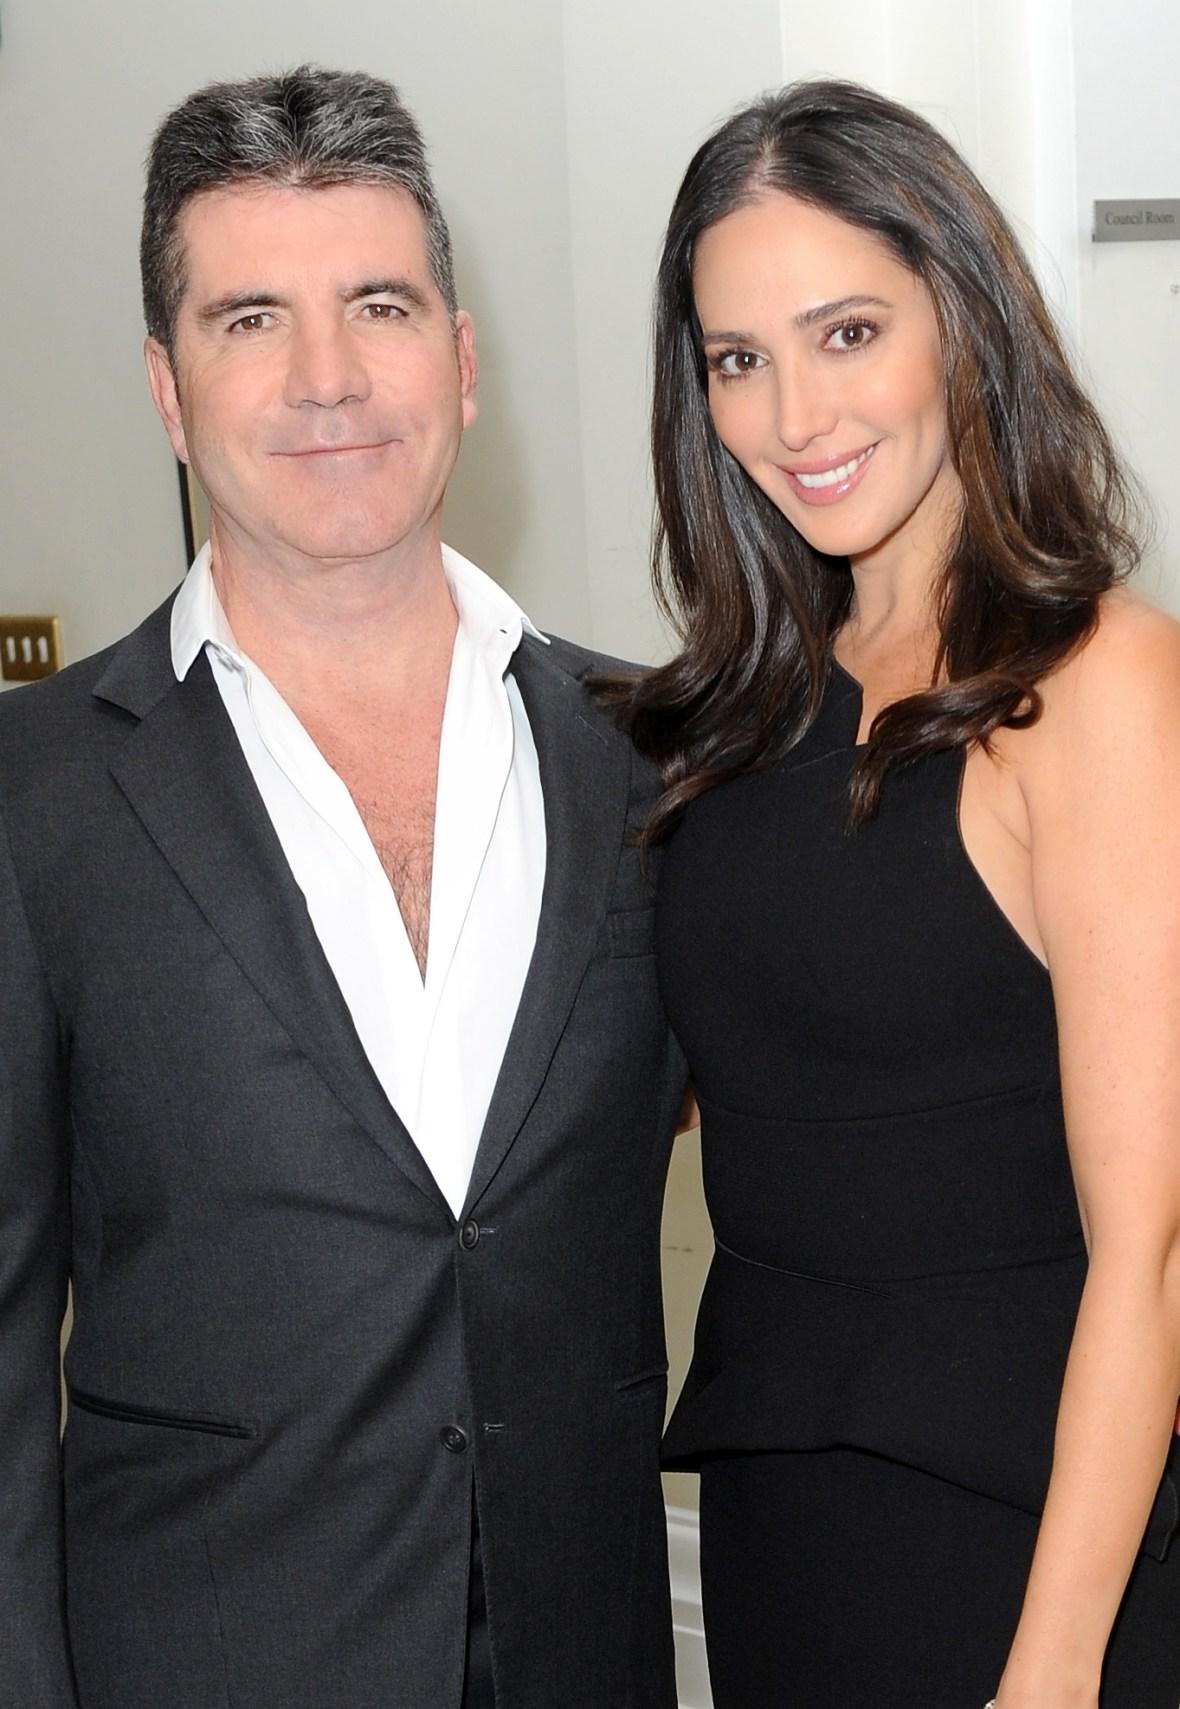 Simon Cowell Talks Baby No. 2 With Girlfriend Lauren